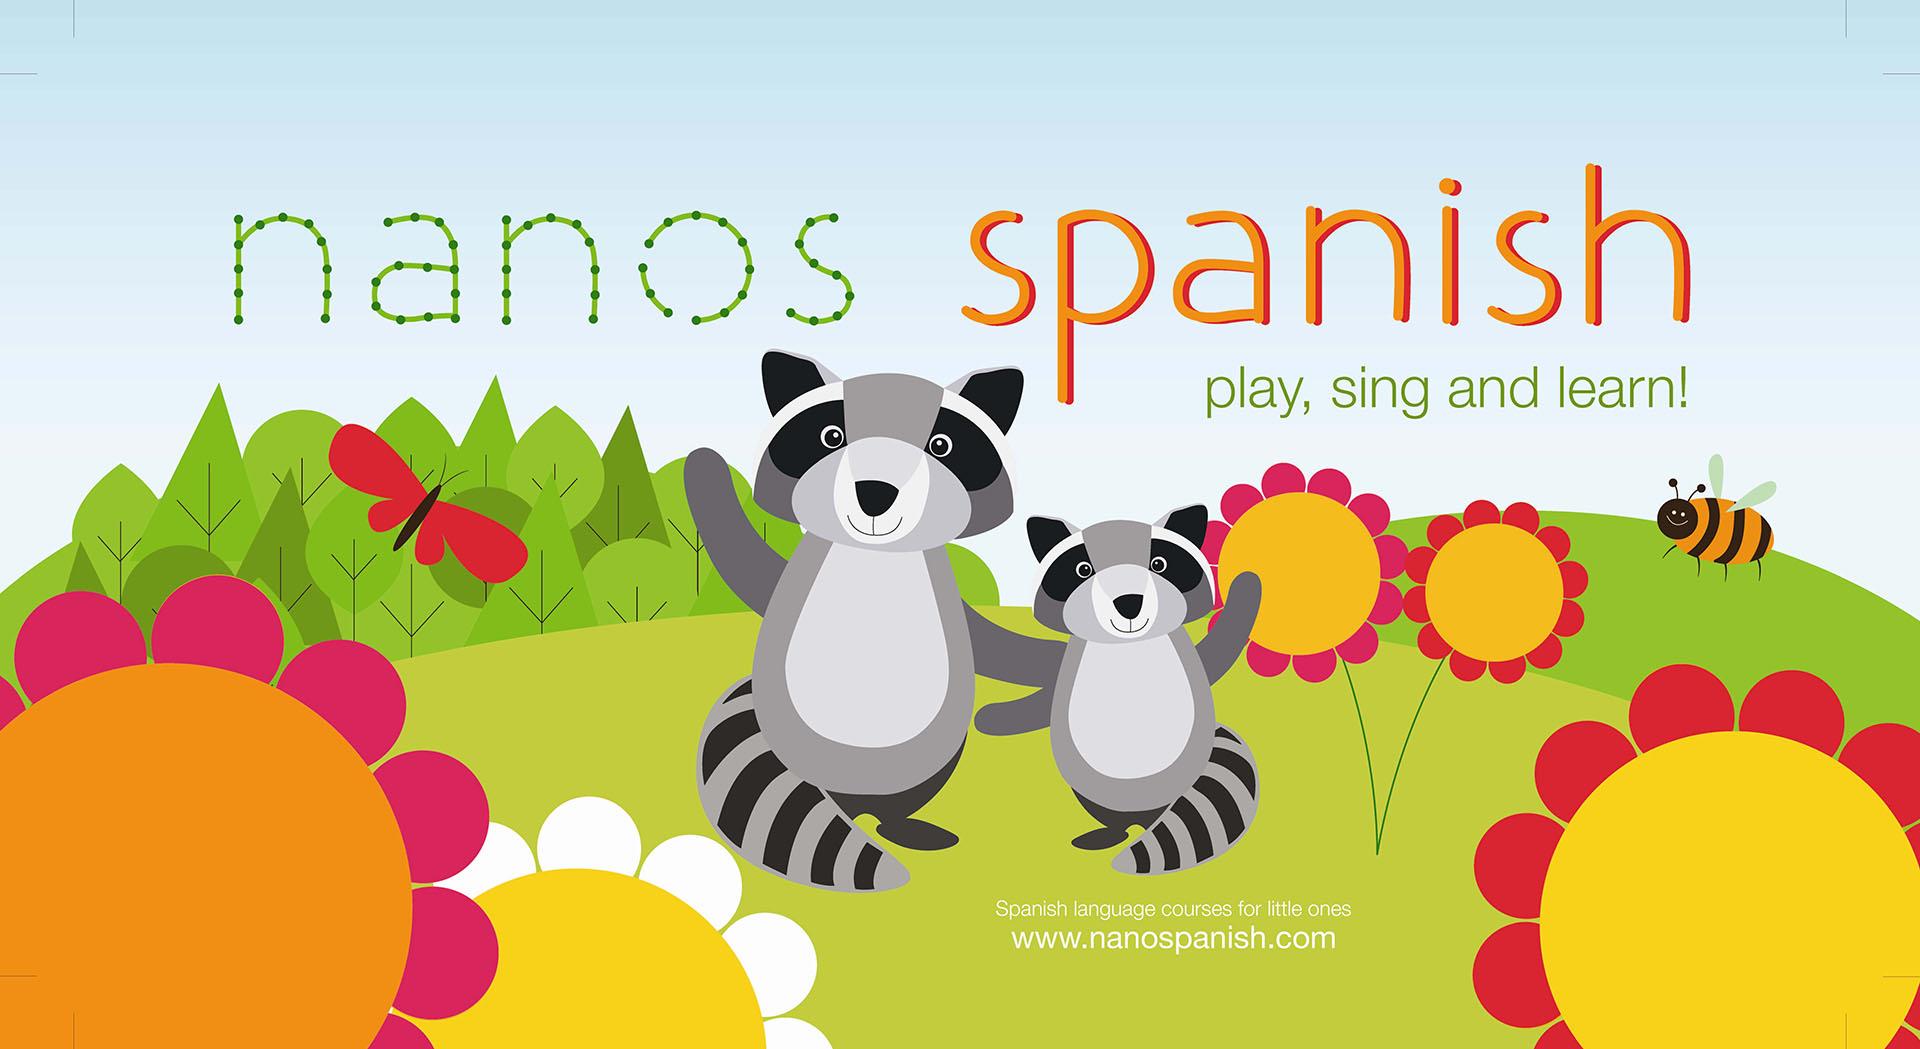 Nanos Spanish's main image